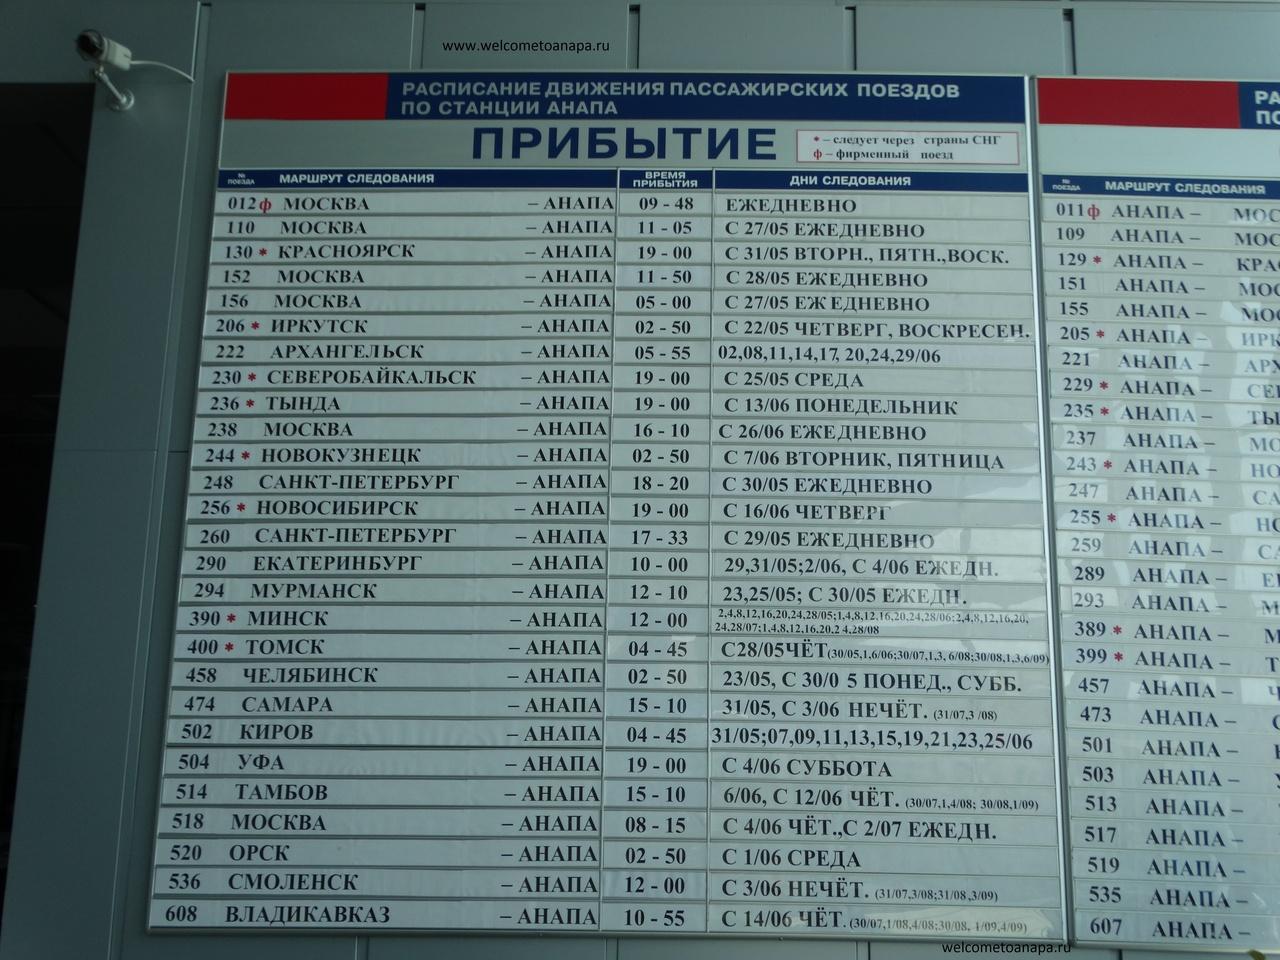 цена билета на поезд архангельск анапа 2016 год …Белье целом оцениваю